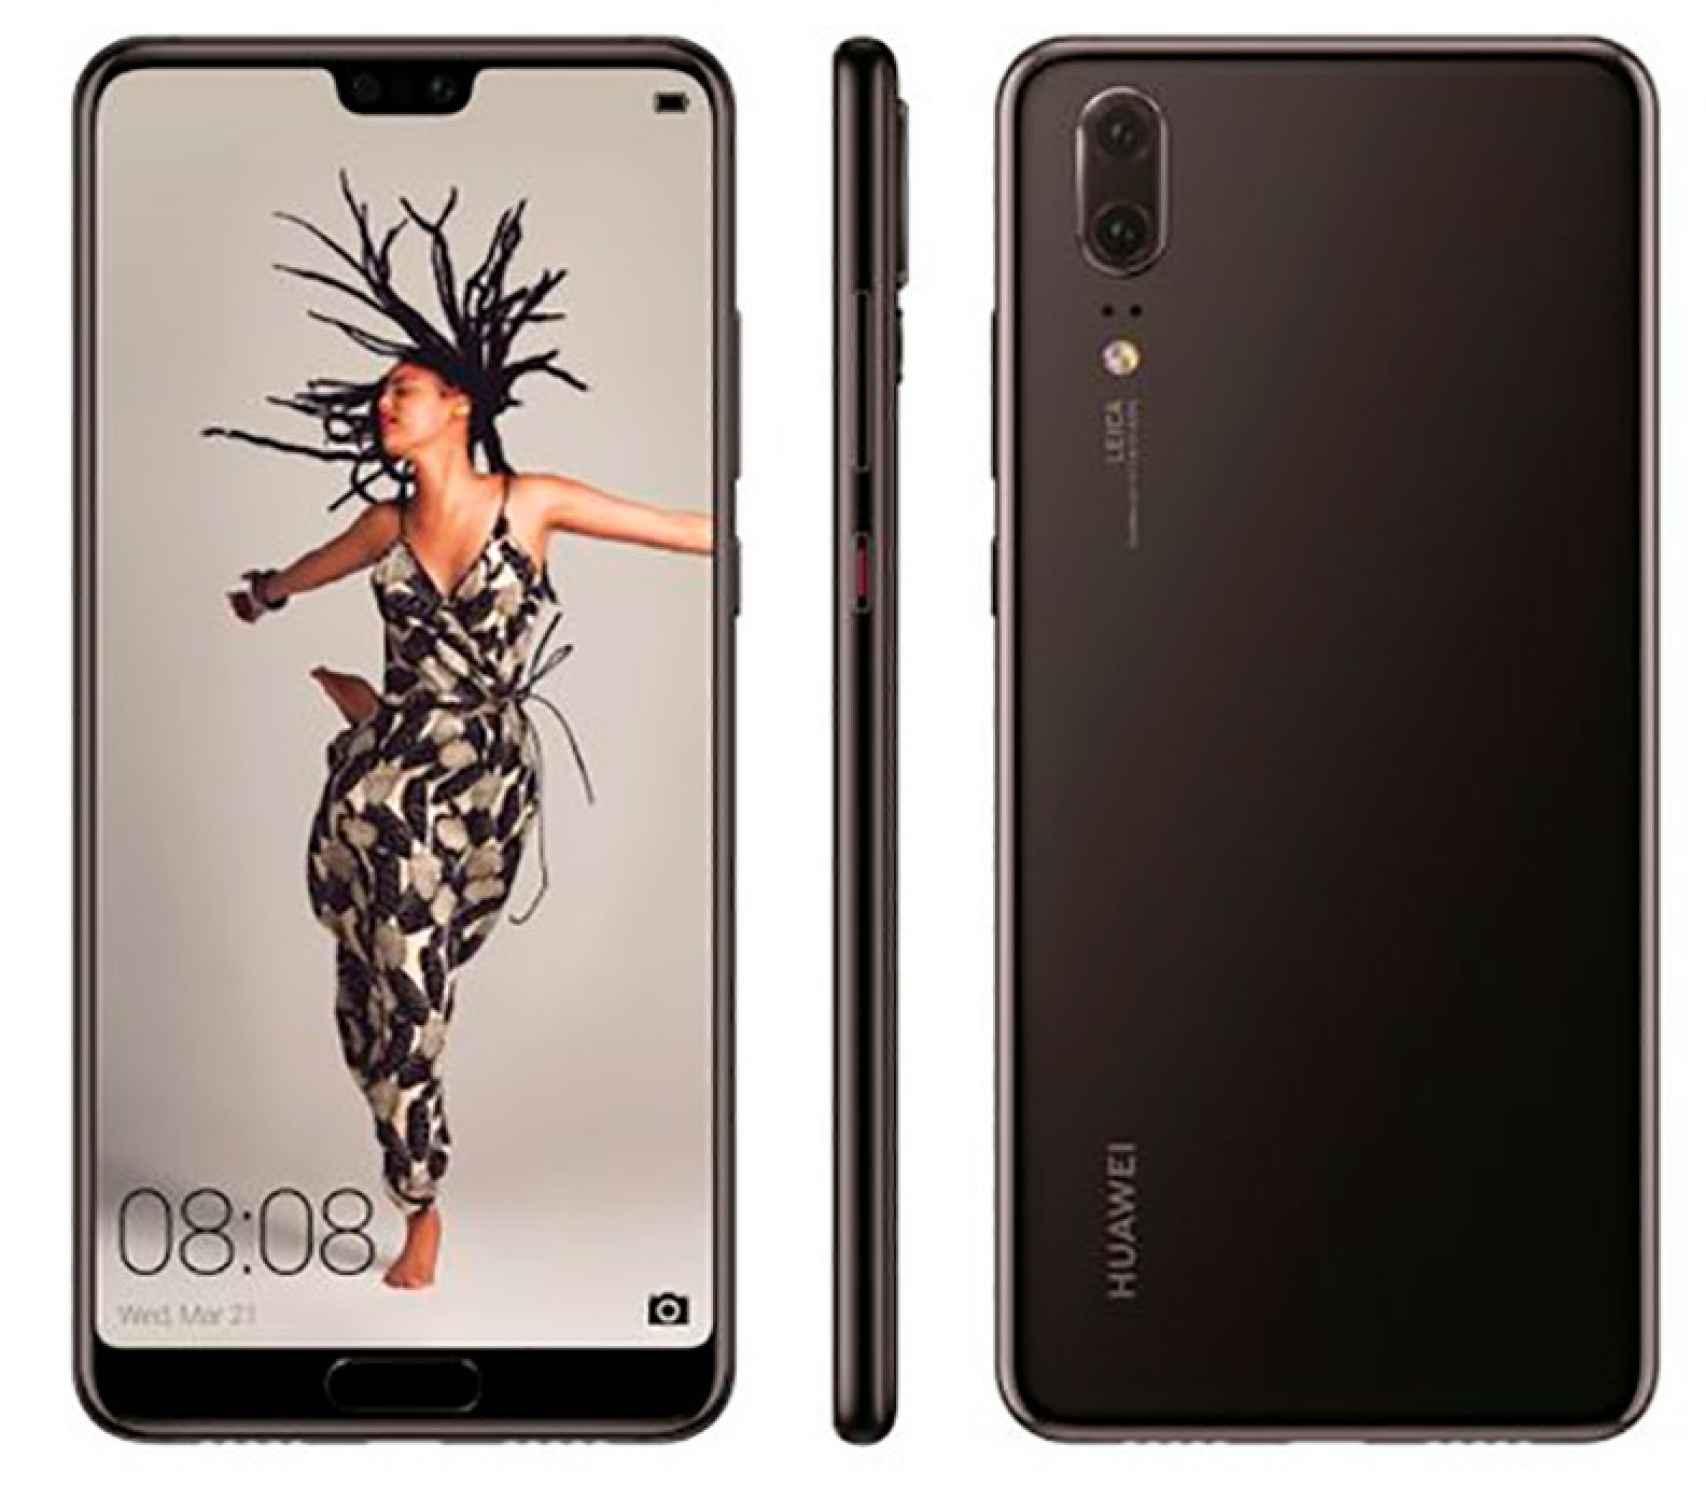 Los Huawei P20, P20 Pro y P20 Lite al detalle en estas imágenes